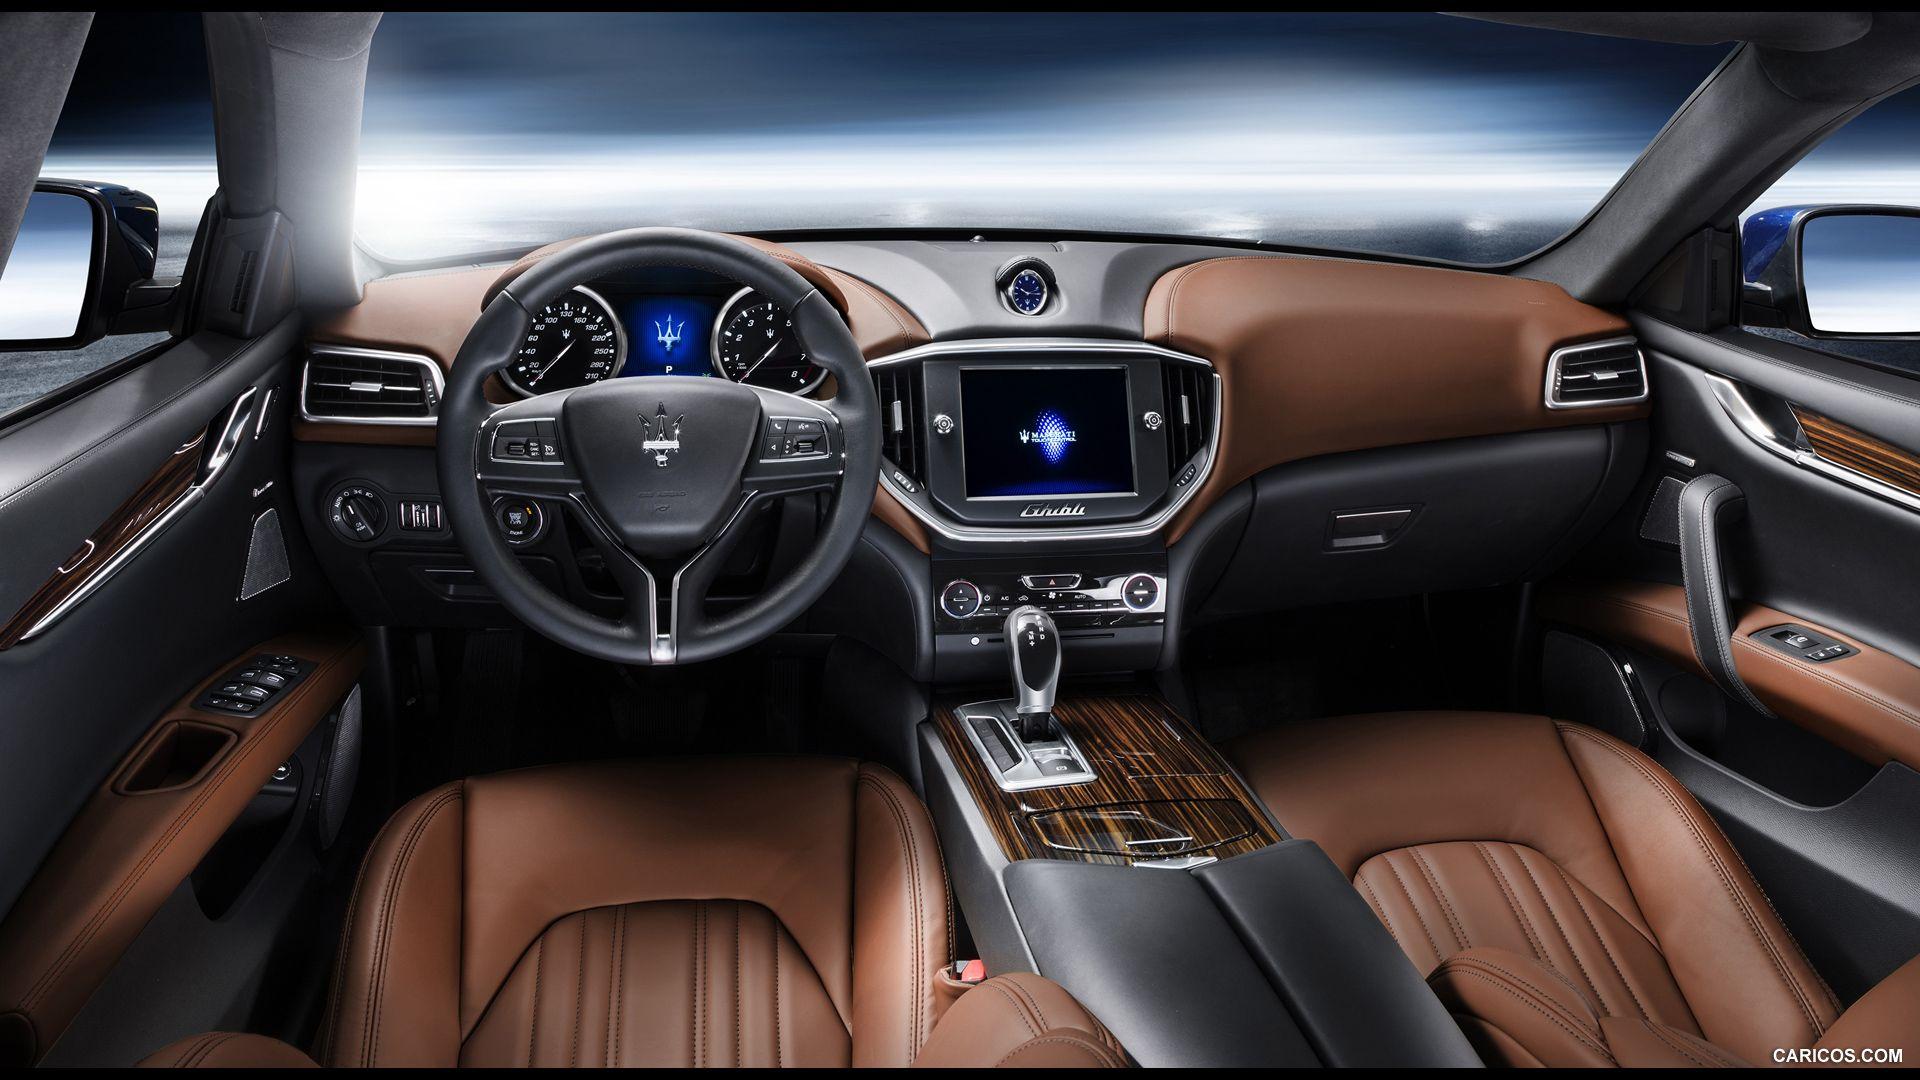 Maserati interior colors